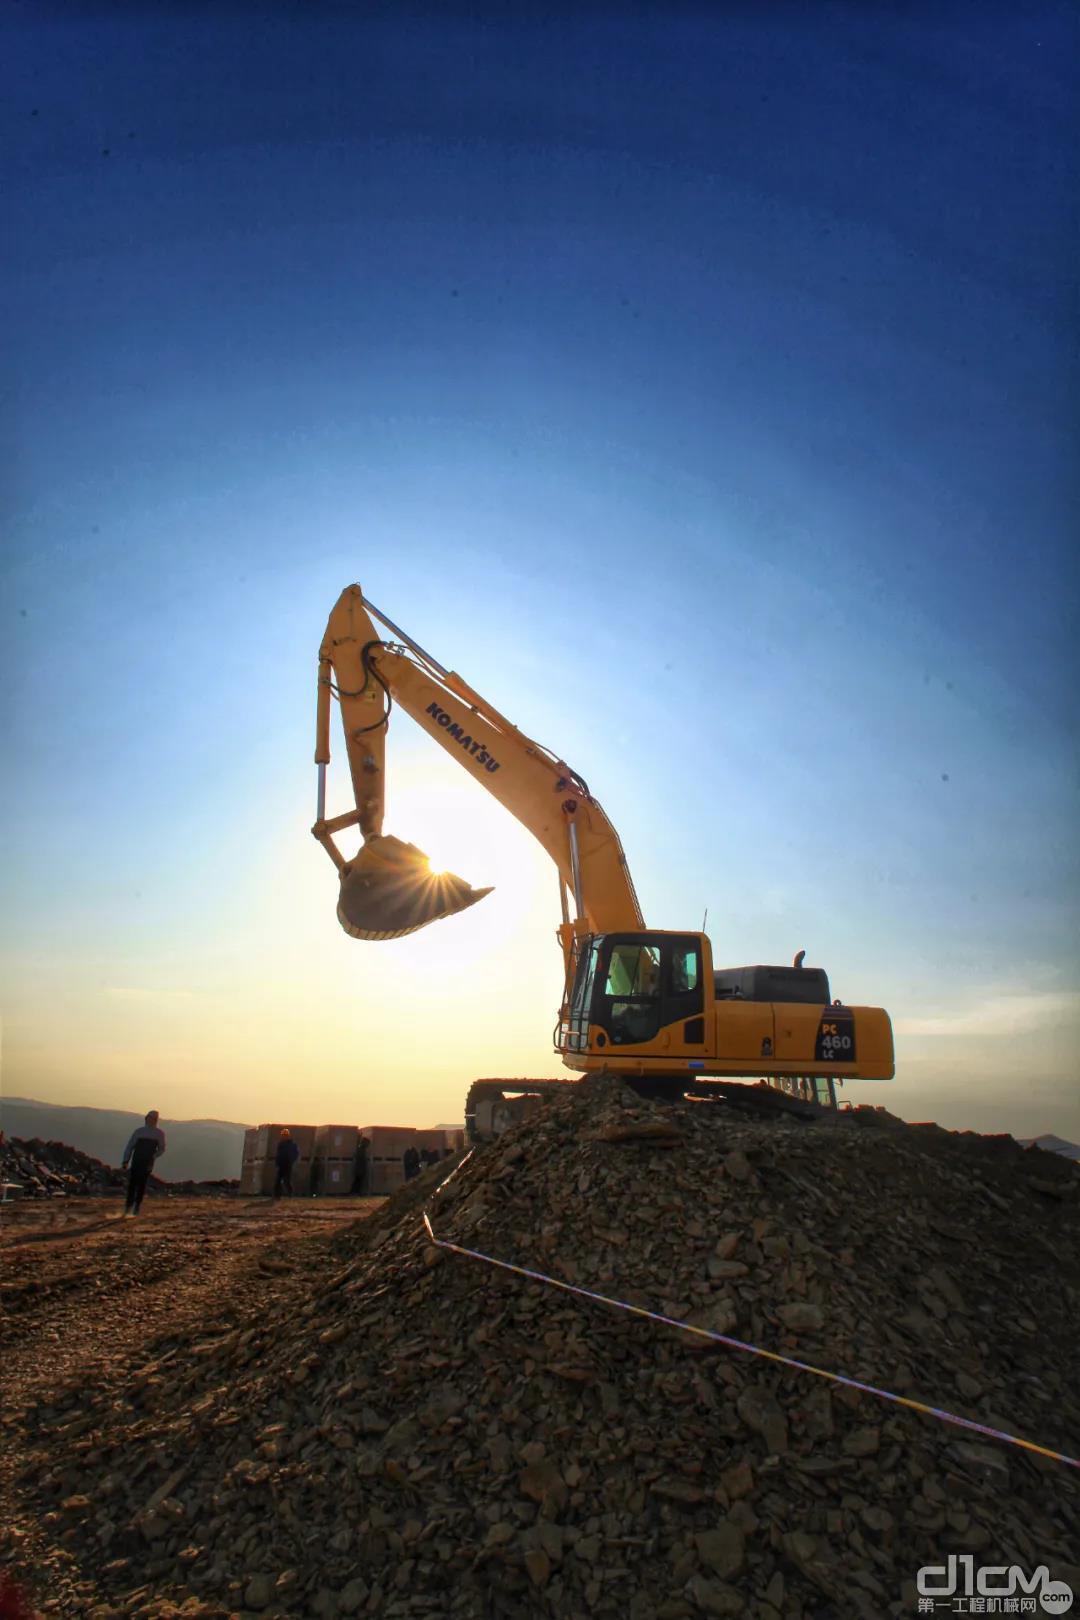 挖掘机夏季保养指南